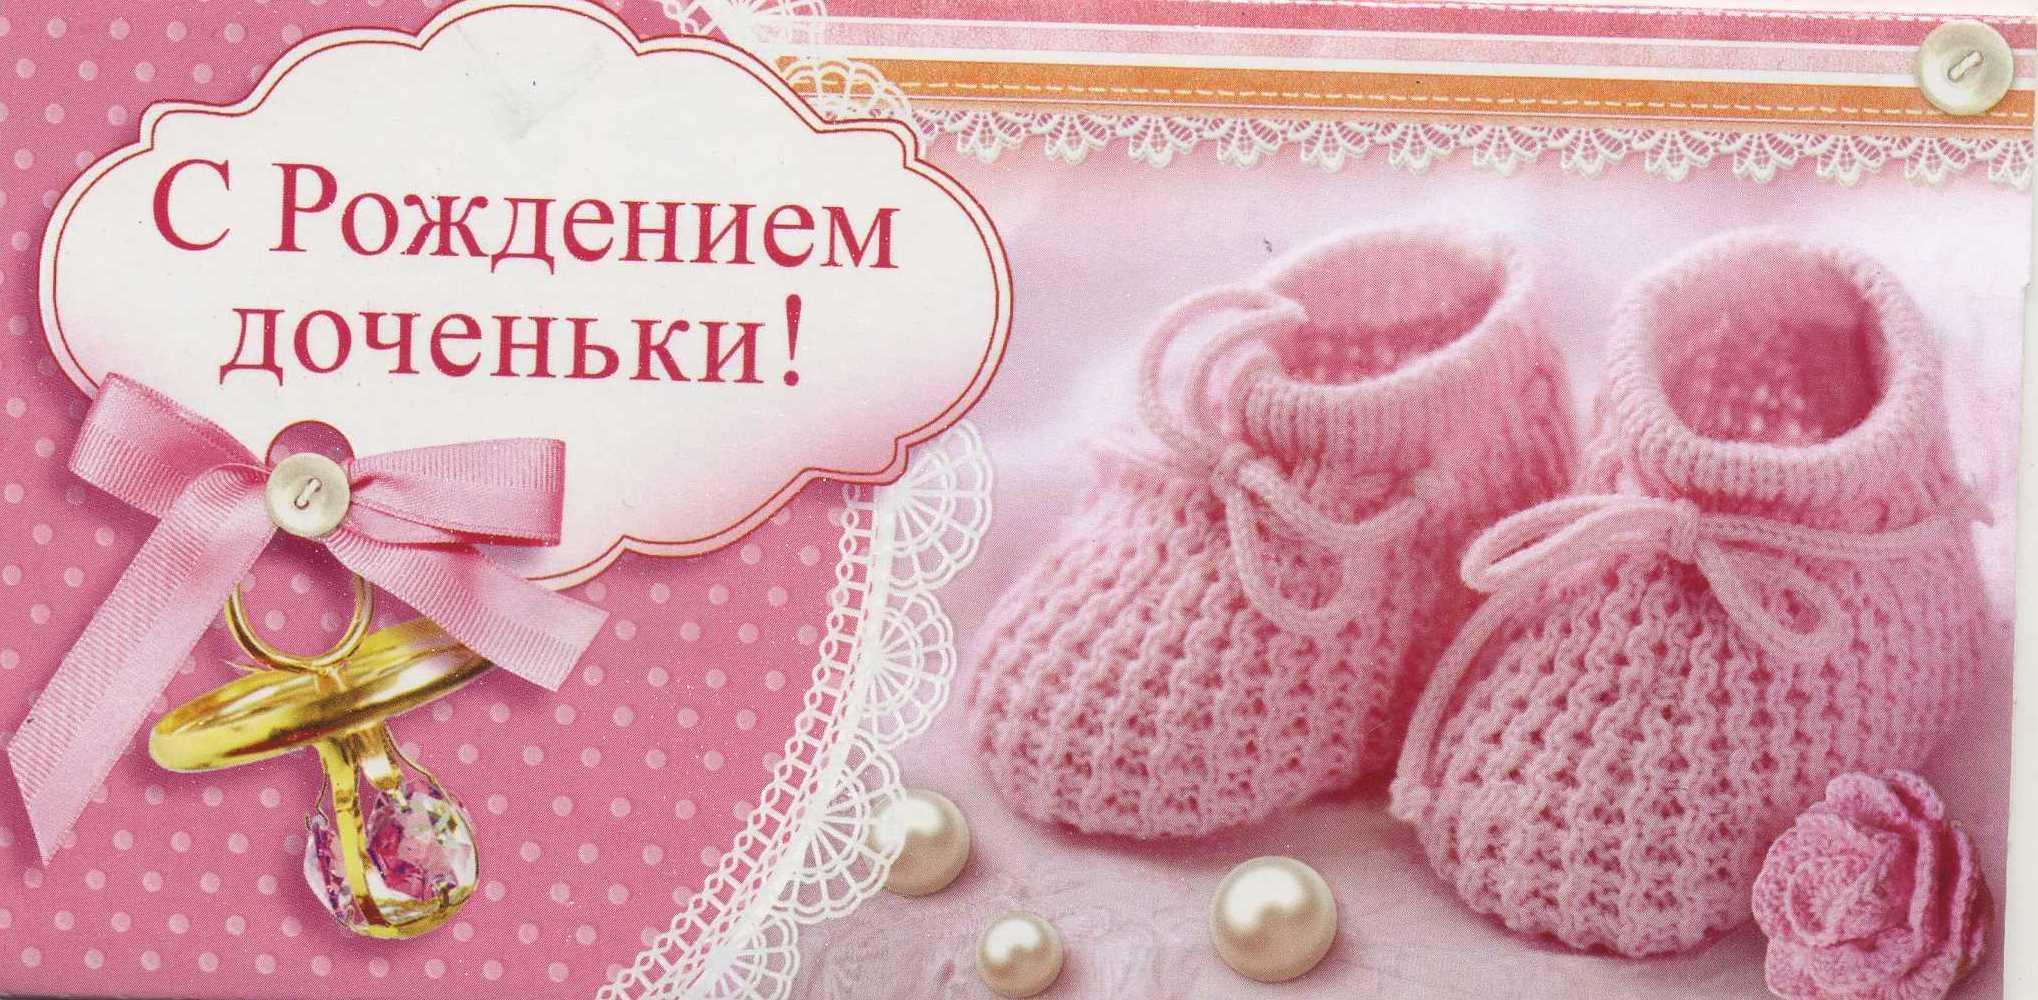 Поздравления с рождением дочки своими словами картинки